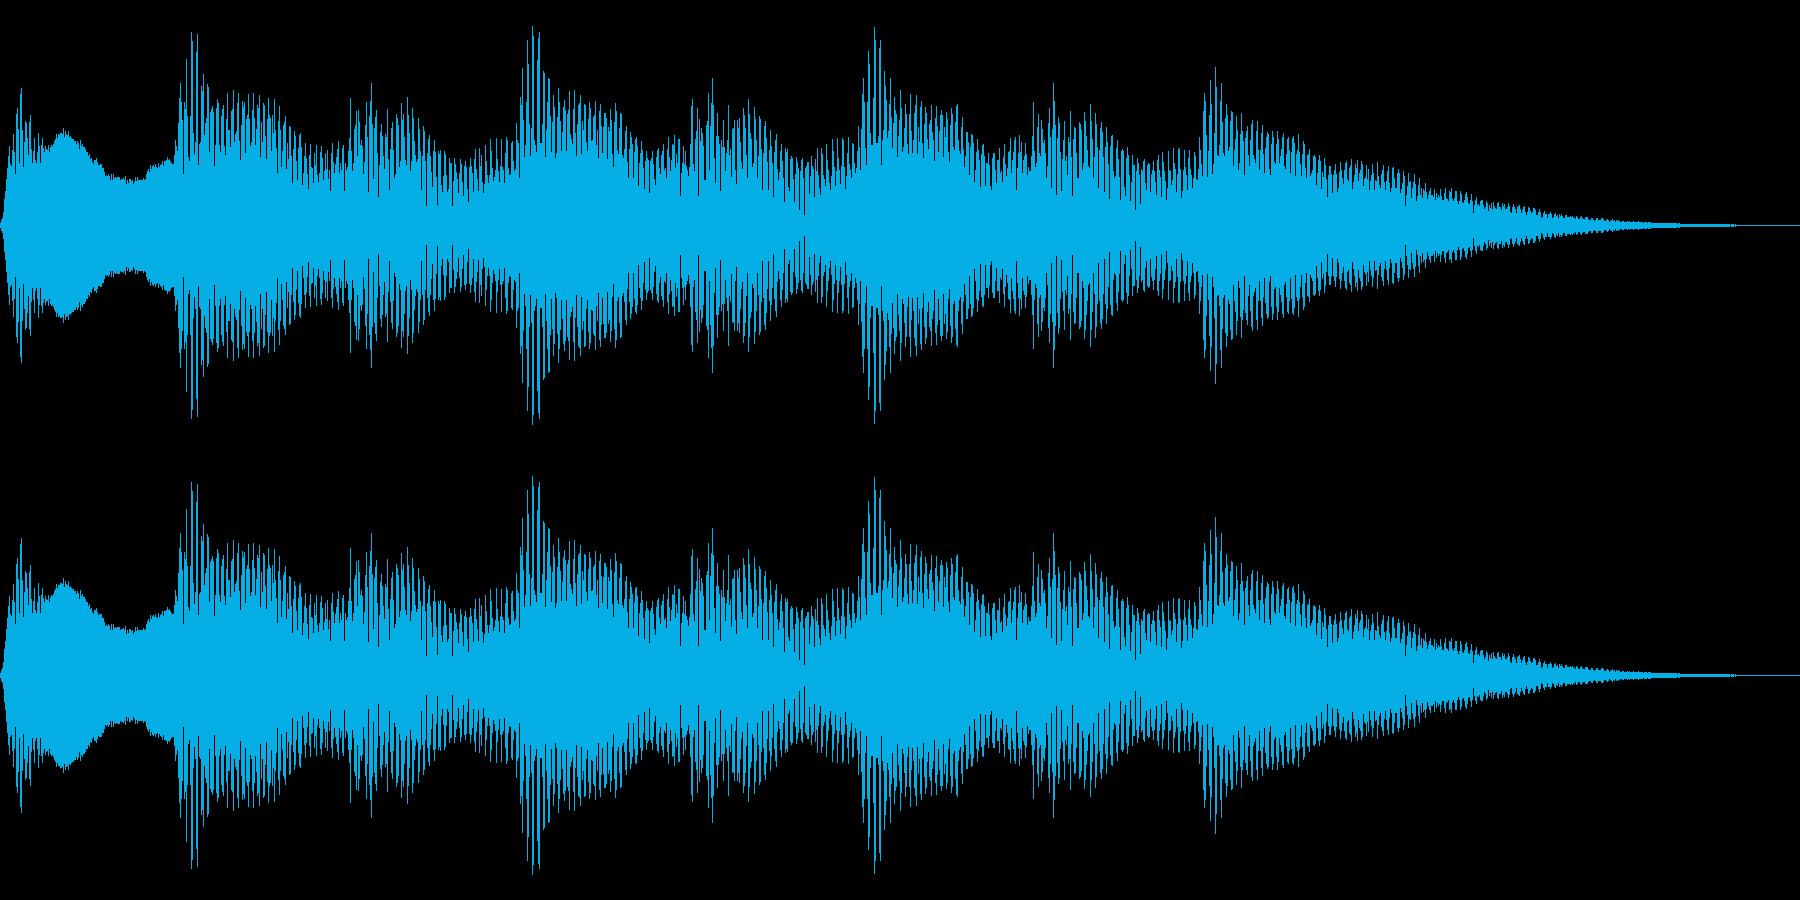 レトロなクイズ正解音 ピンポン4回 合格の再生済みの波形